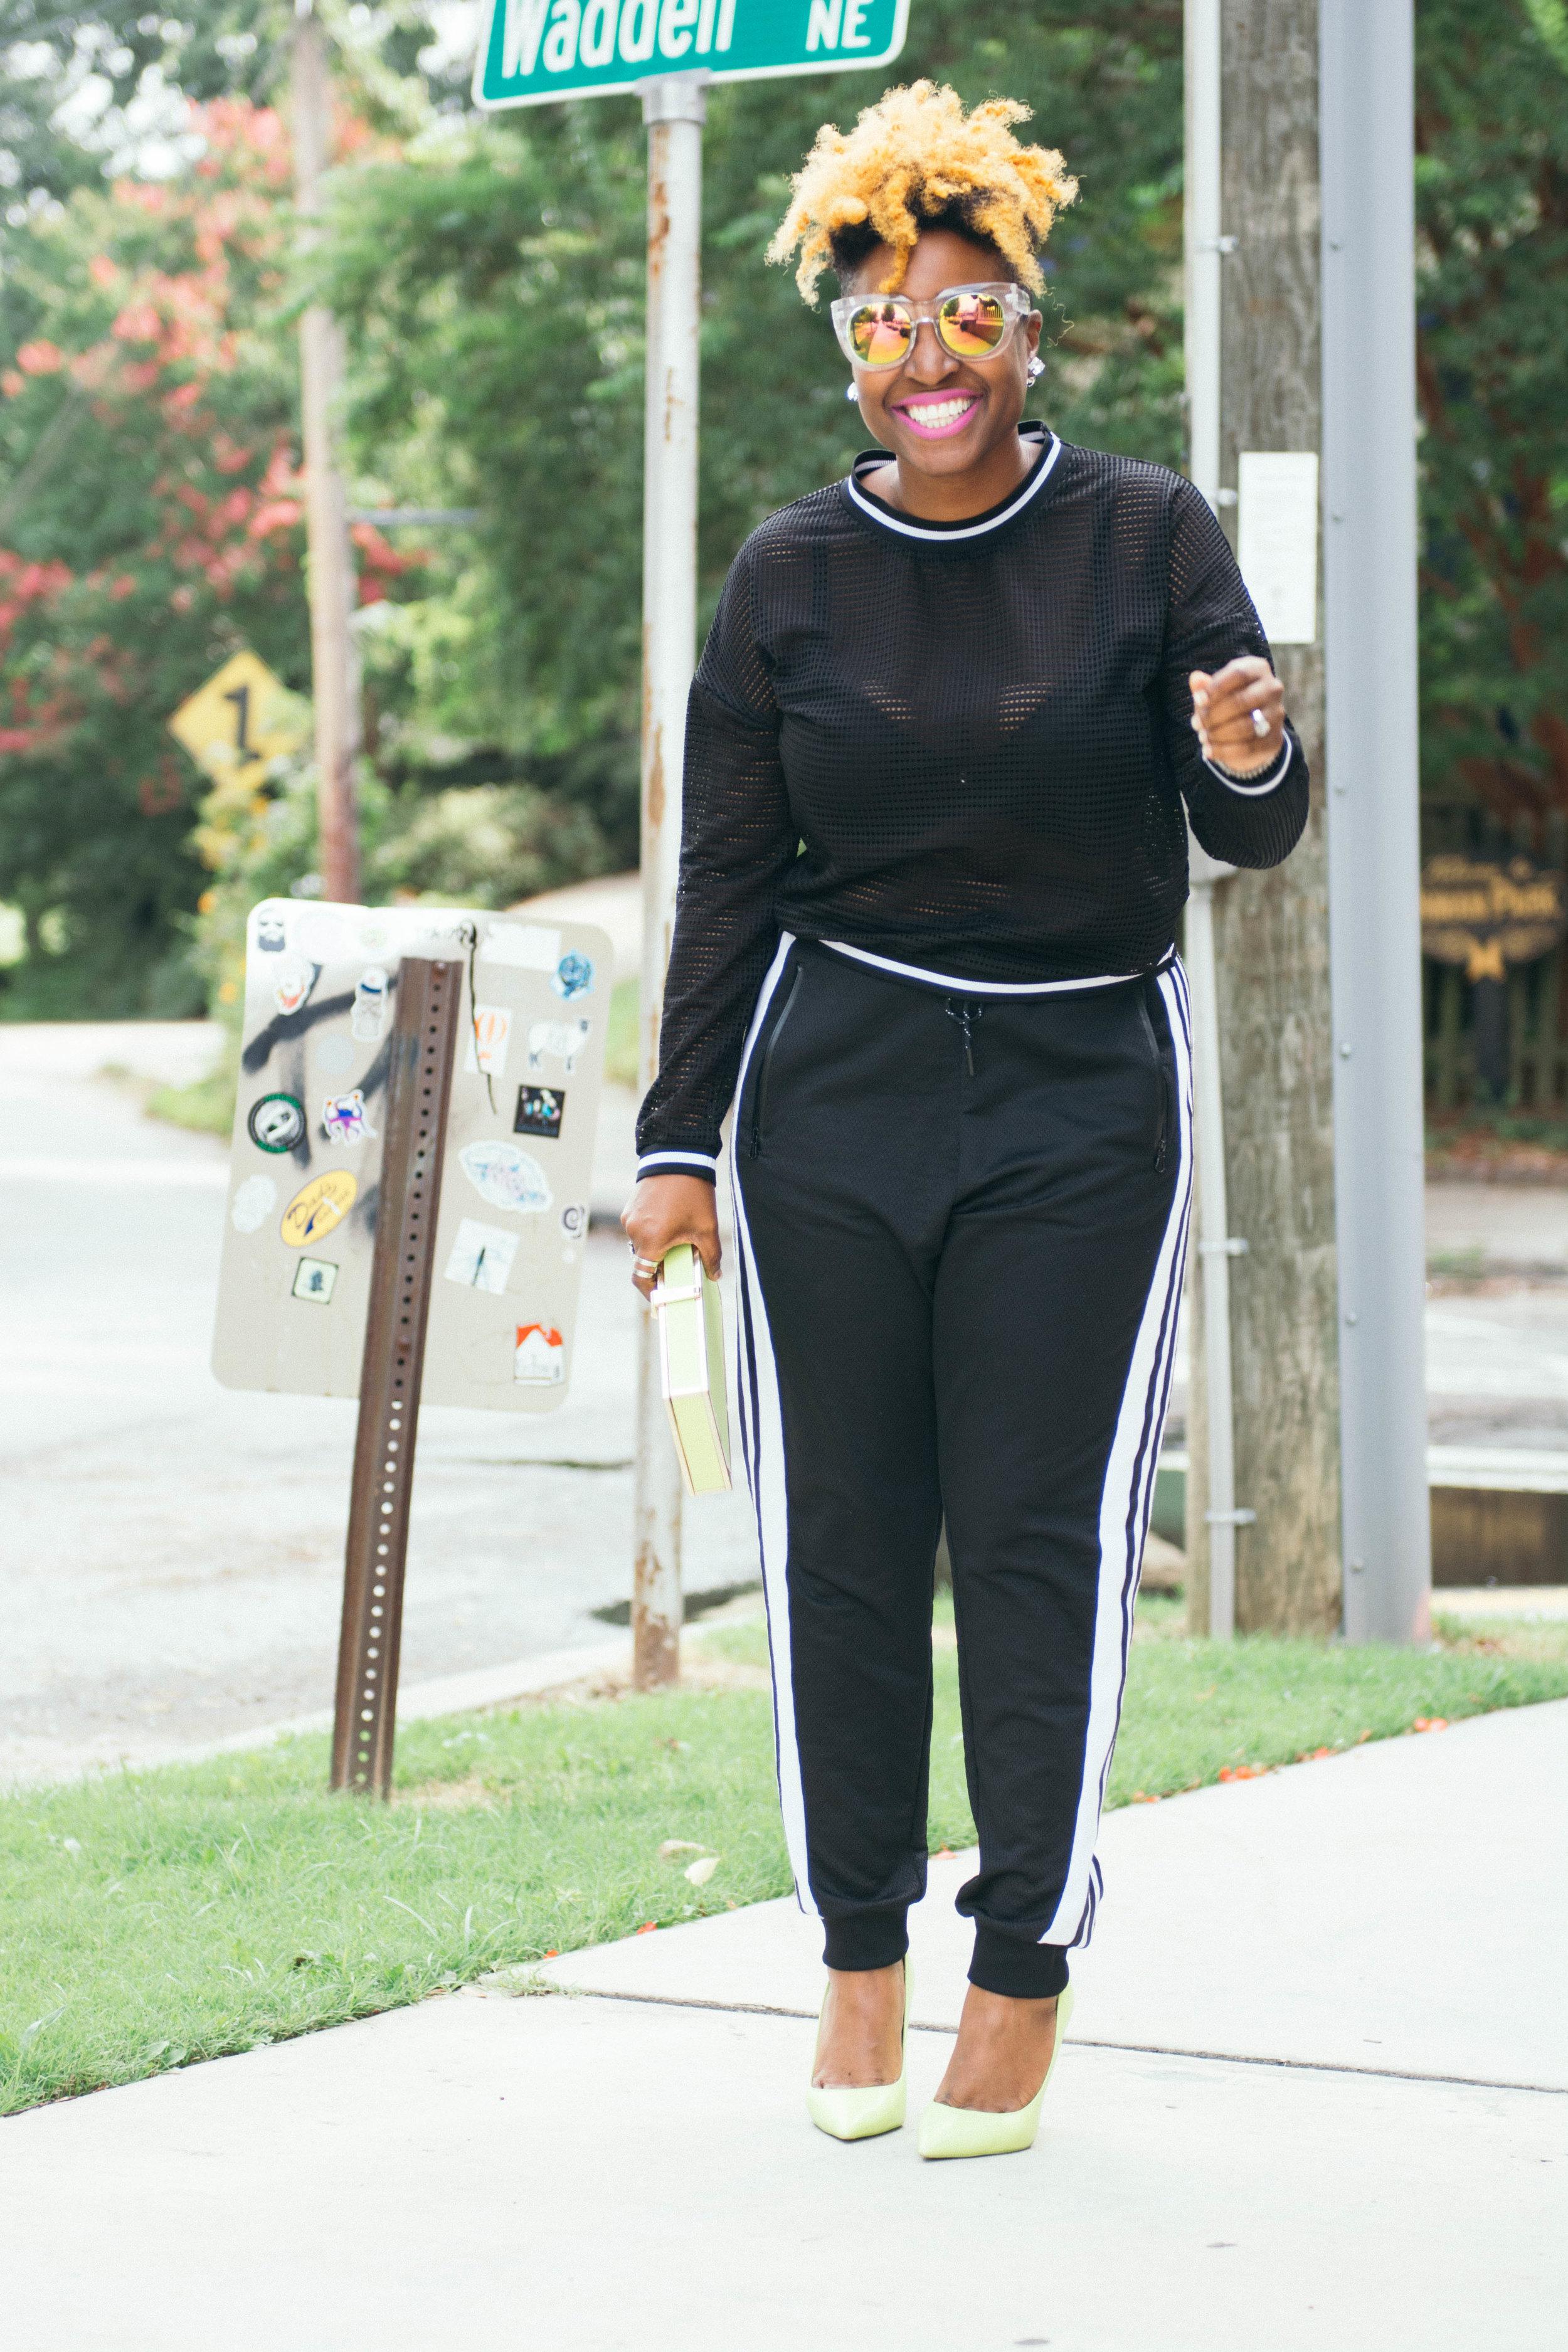 Melodie Stewart, The Style Klazit, Thebigfashionguy, Plussize fashion, Atlanta style bloggers, black bloggers, TCFStyle Expo